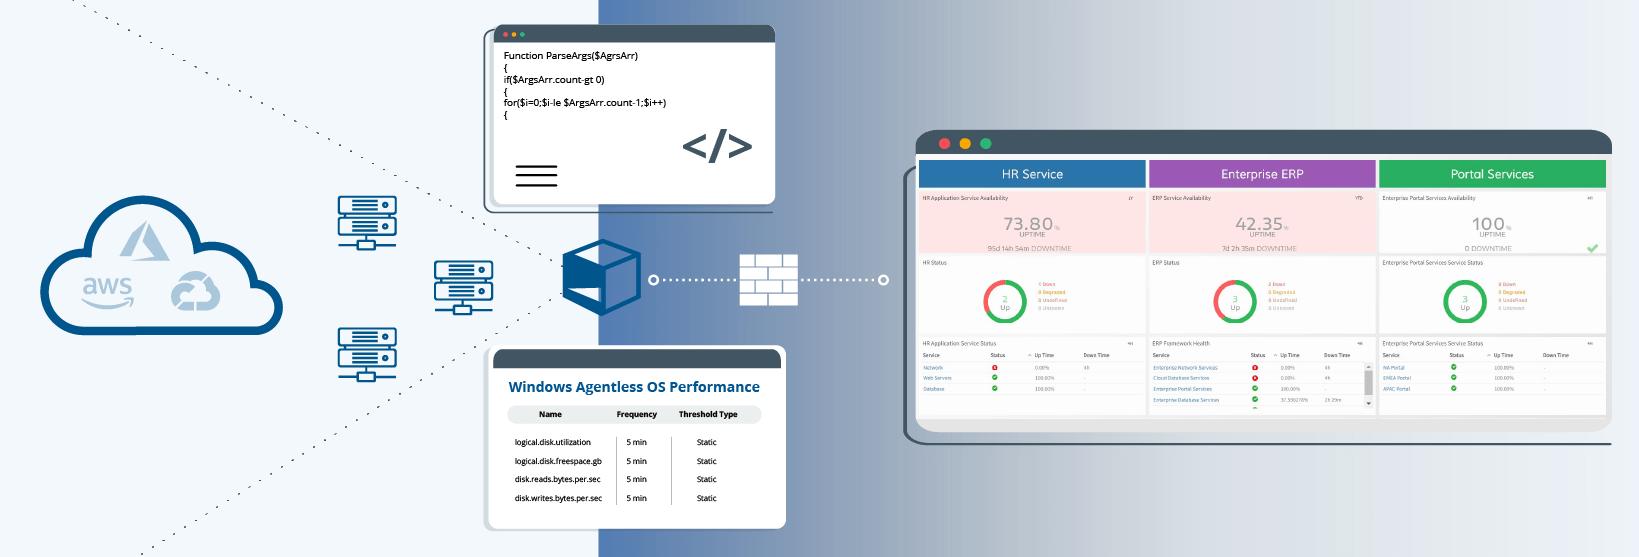 OpsRampとの技術協議:エージェントレスおよびカスタムモニタリング